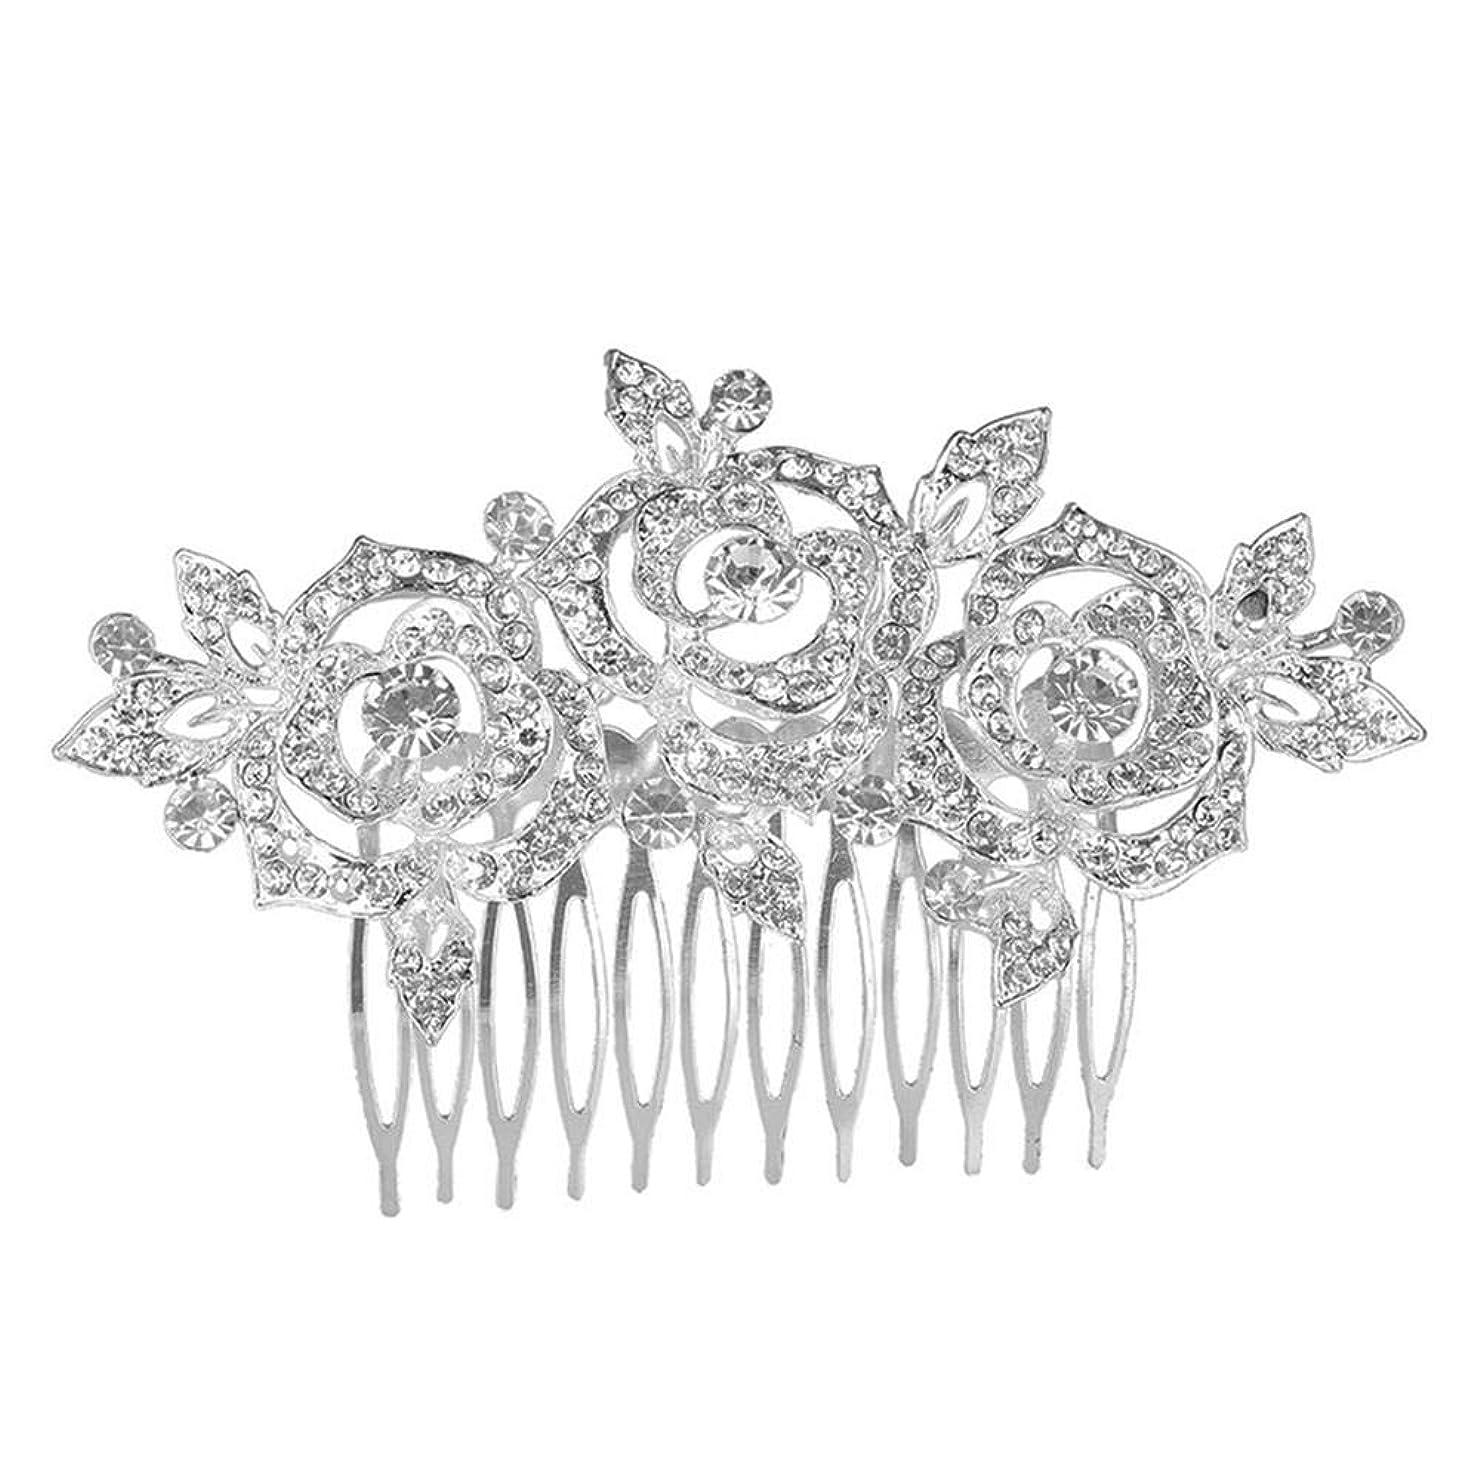 省先駆者従来の髪の櫛挿入櫛花嫁の髪櫛クラウン髪の櫛結婚式の付属品櫛の髪の櫛花の櫛の櫛ブライダルヘッドドレス